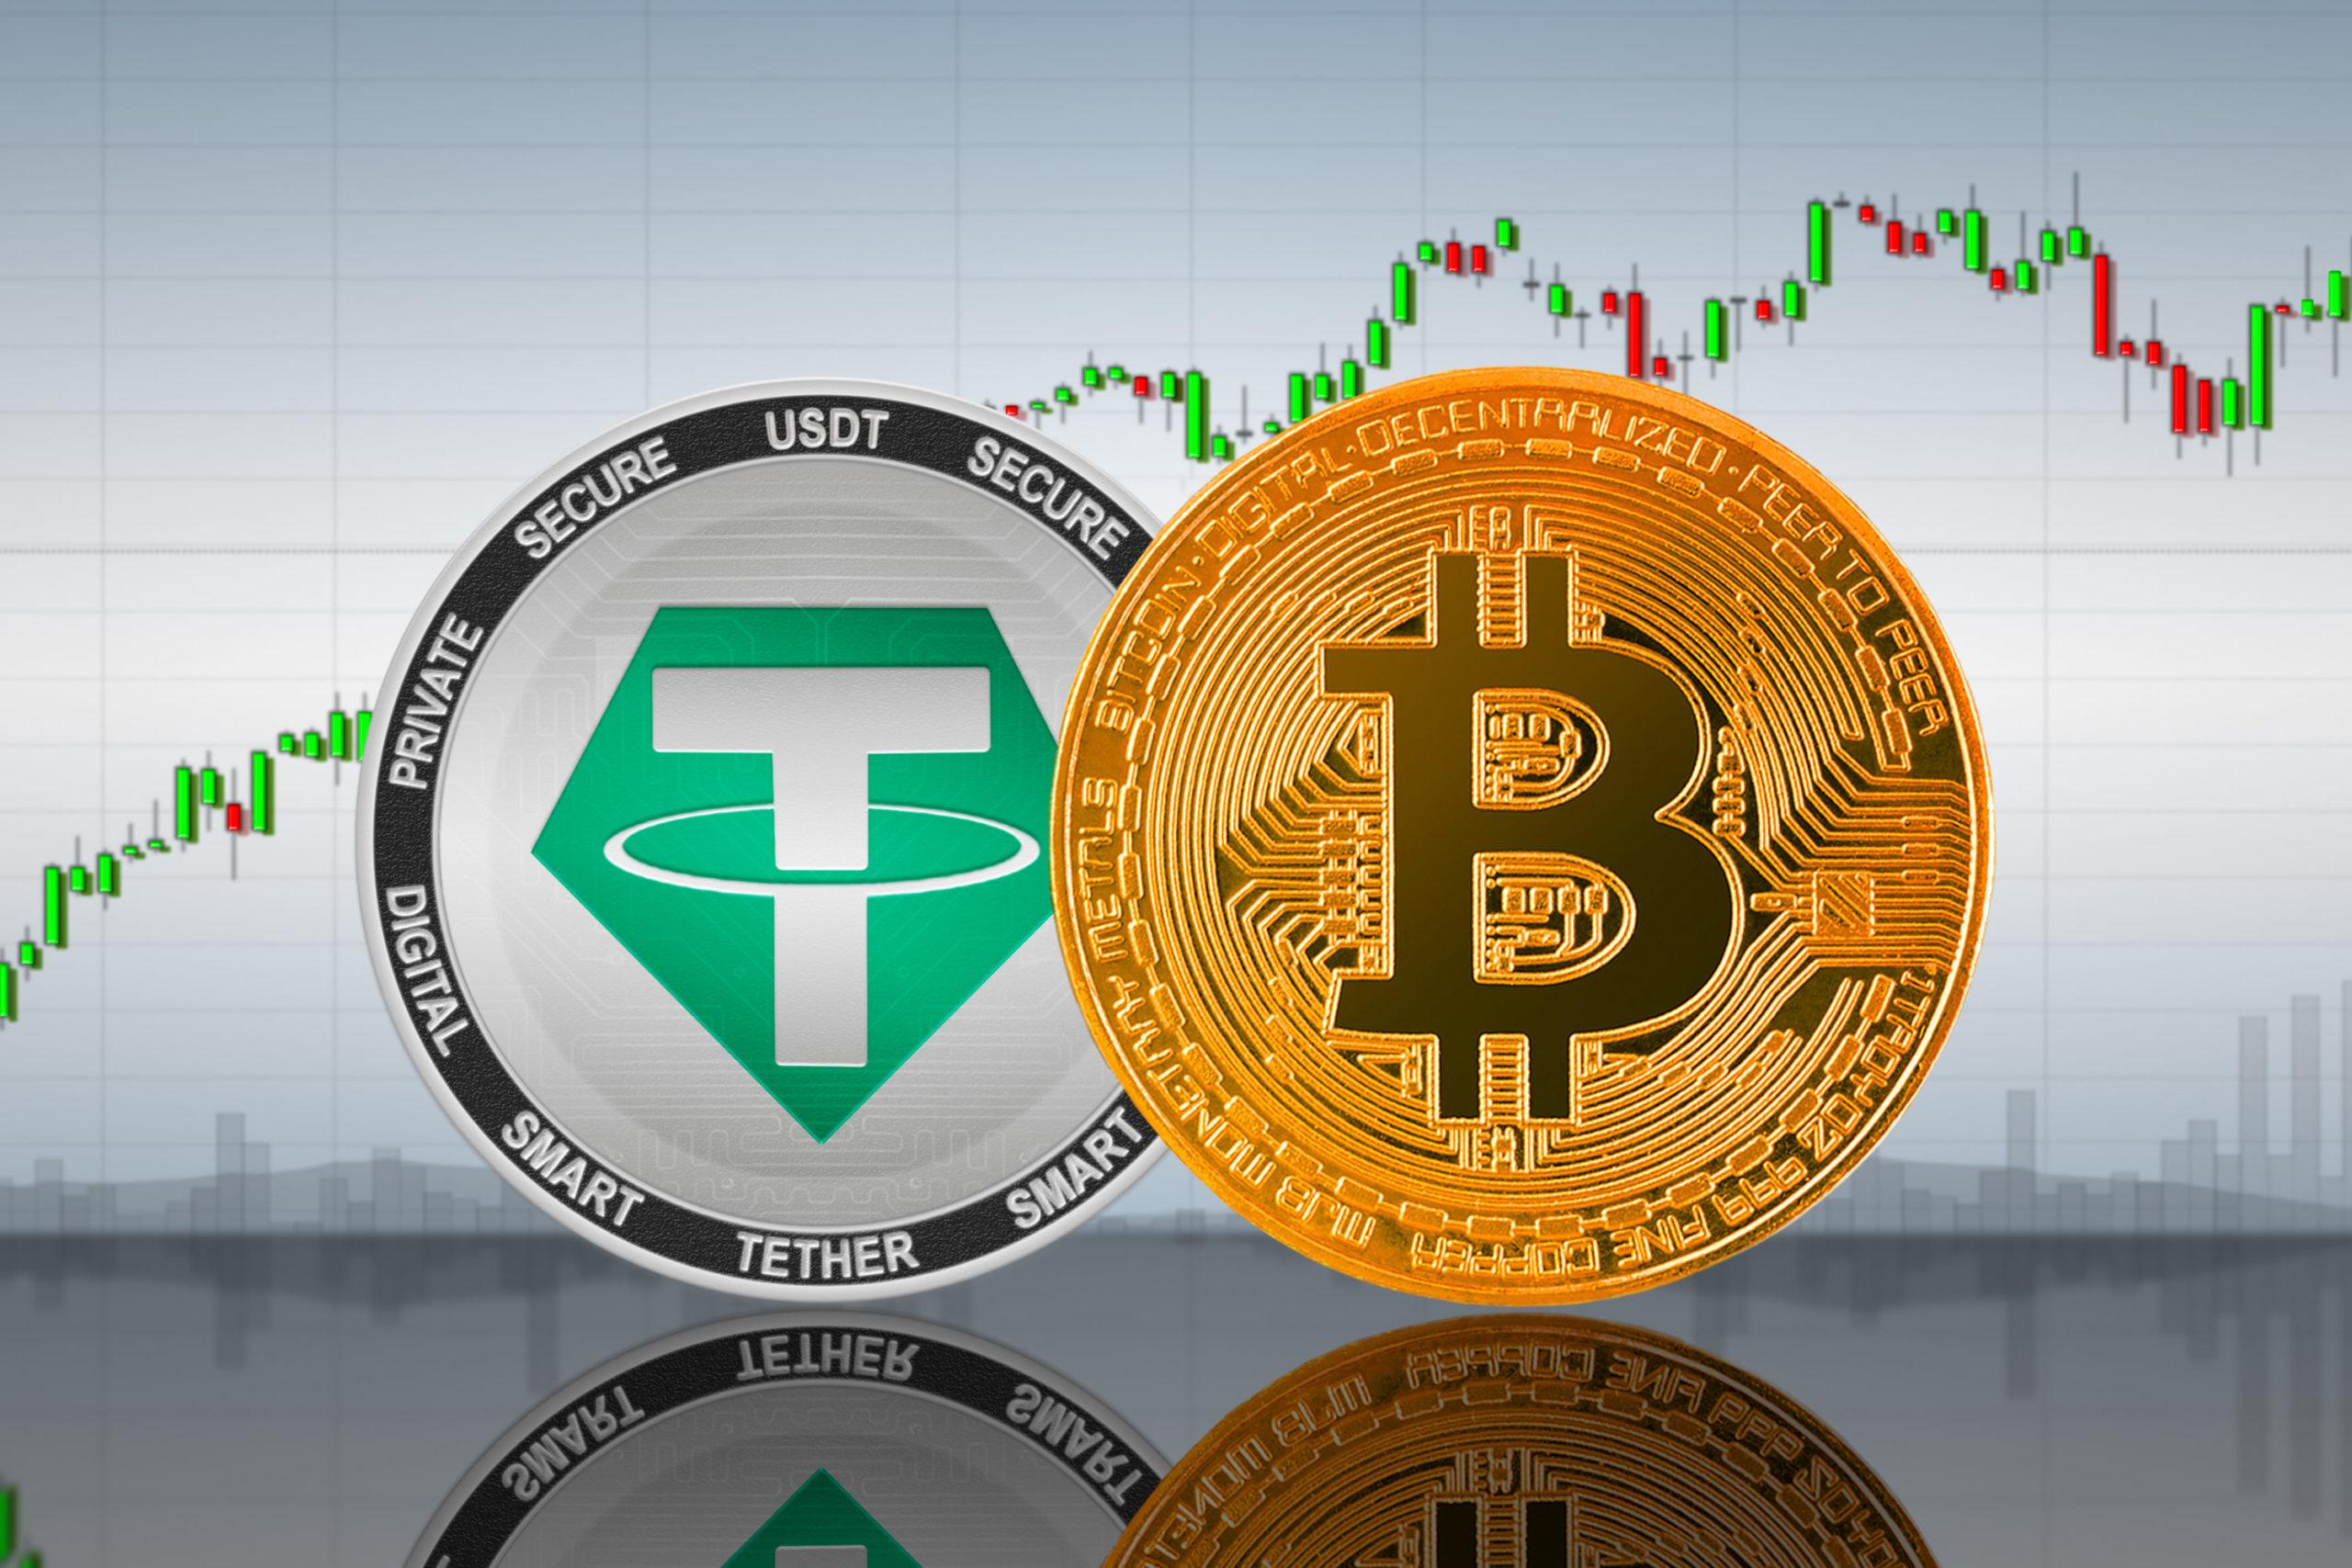 usta analist tether in usdt cokecegini soyledi peki bitcoin e etkisi ne olabilir 2